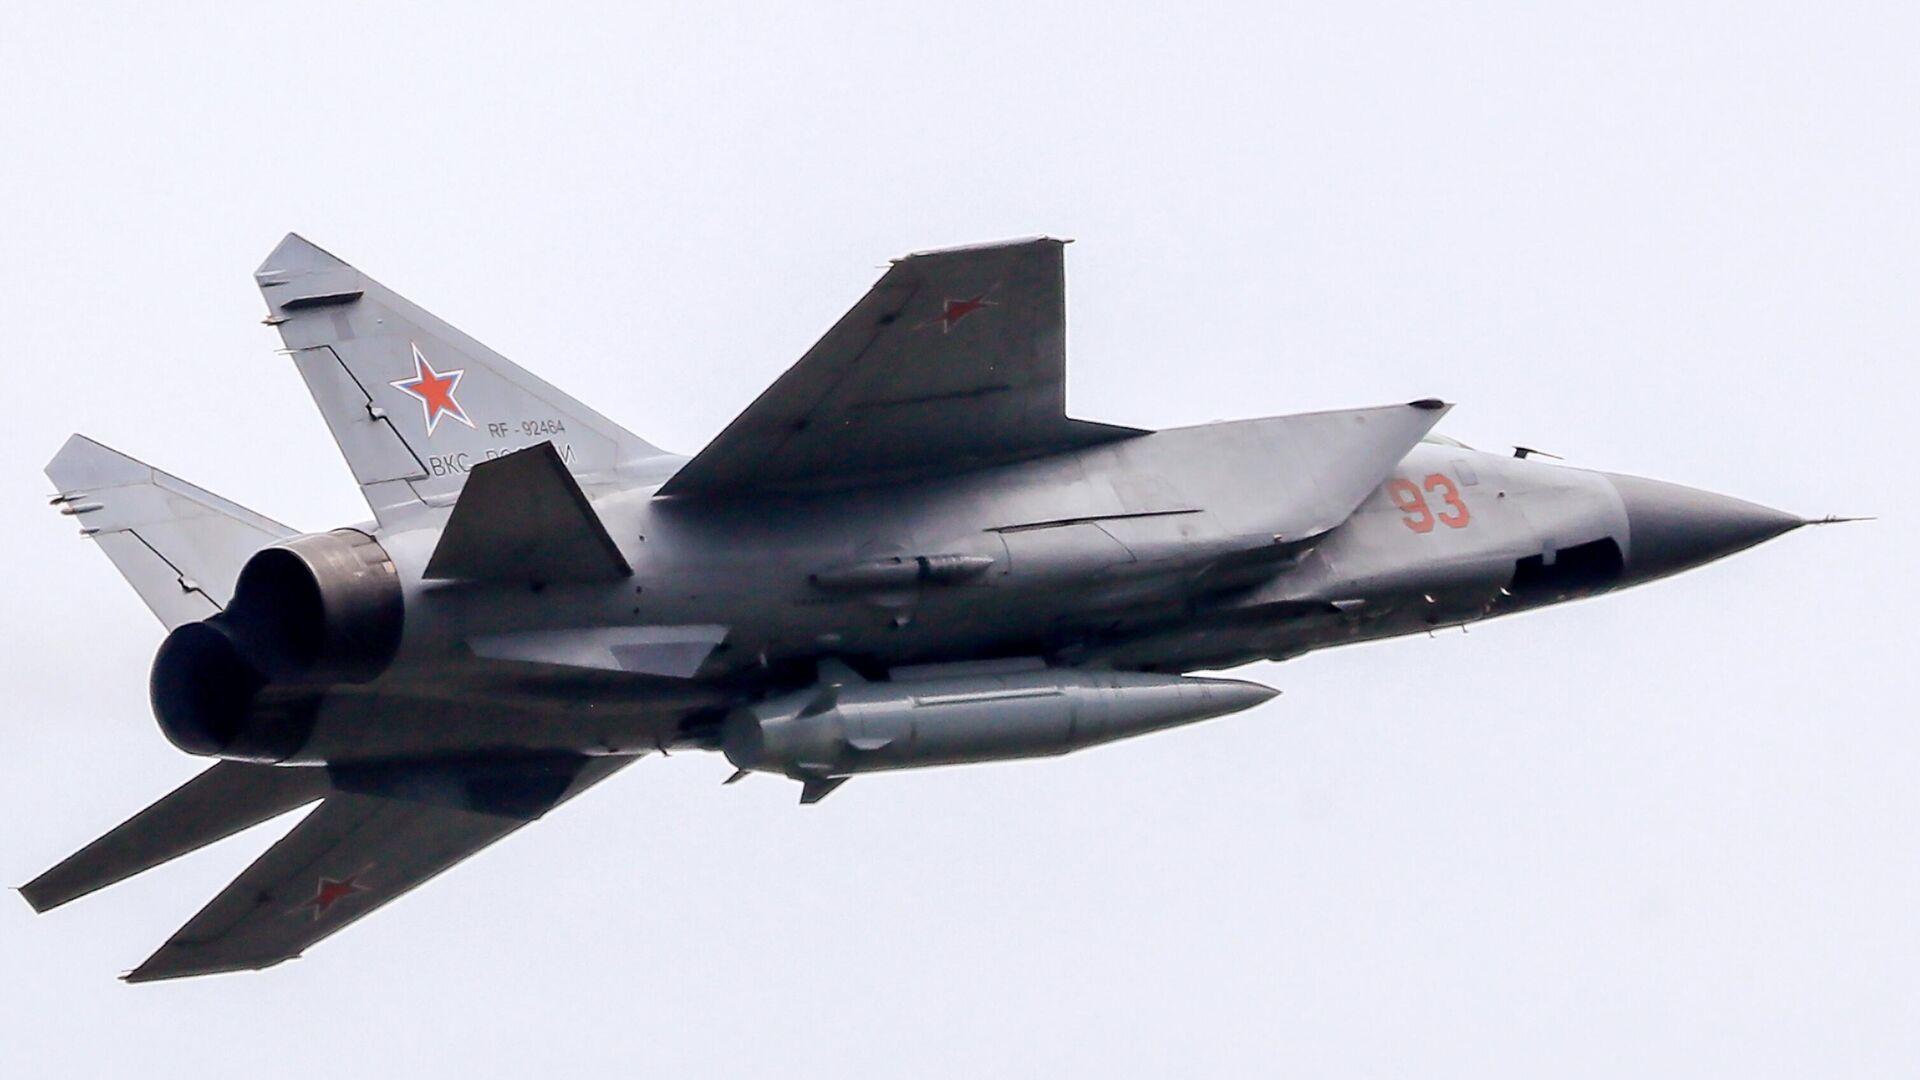 Истребитель-перехватчик МиГ-31К с гиперзвуковой ракетой Кинжал - РИА Новости, 1920, 25.06.2021